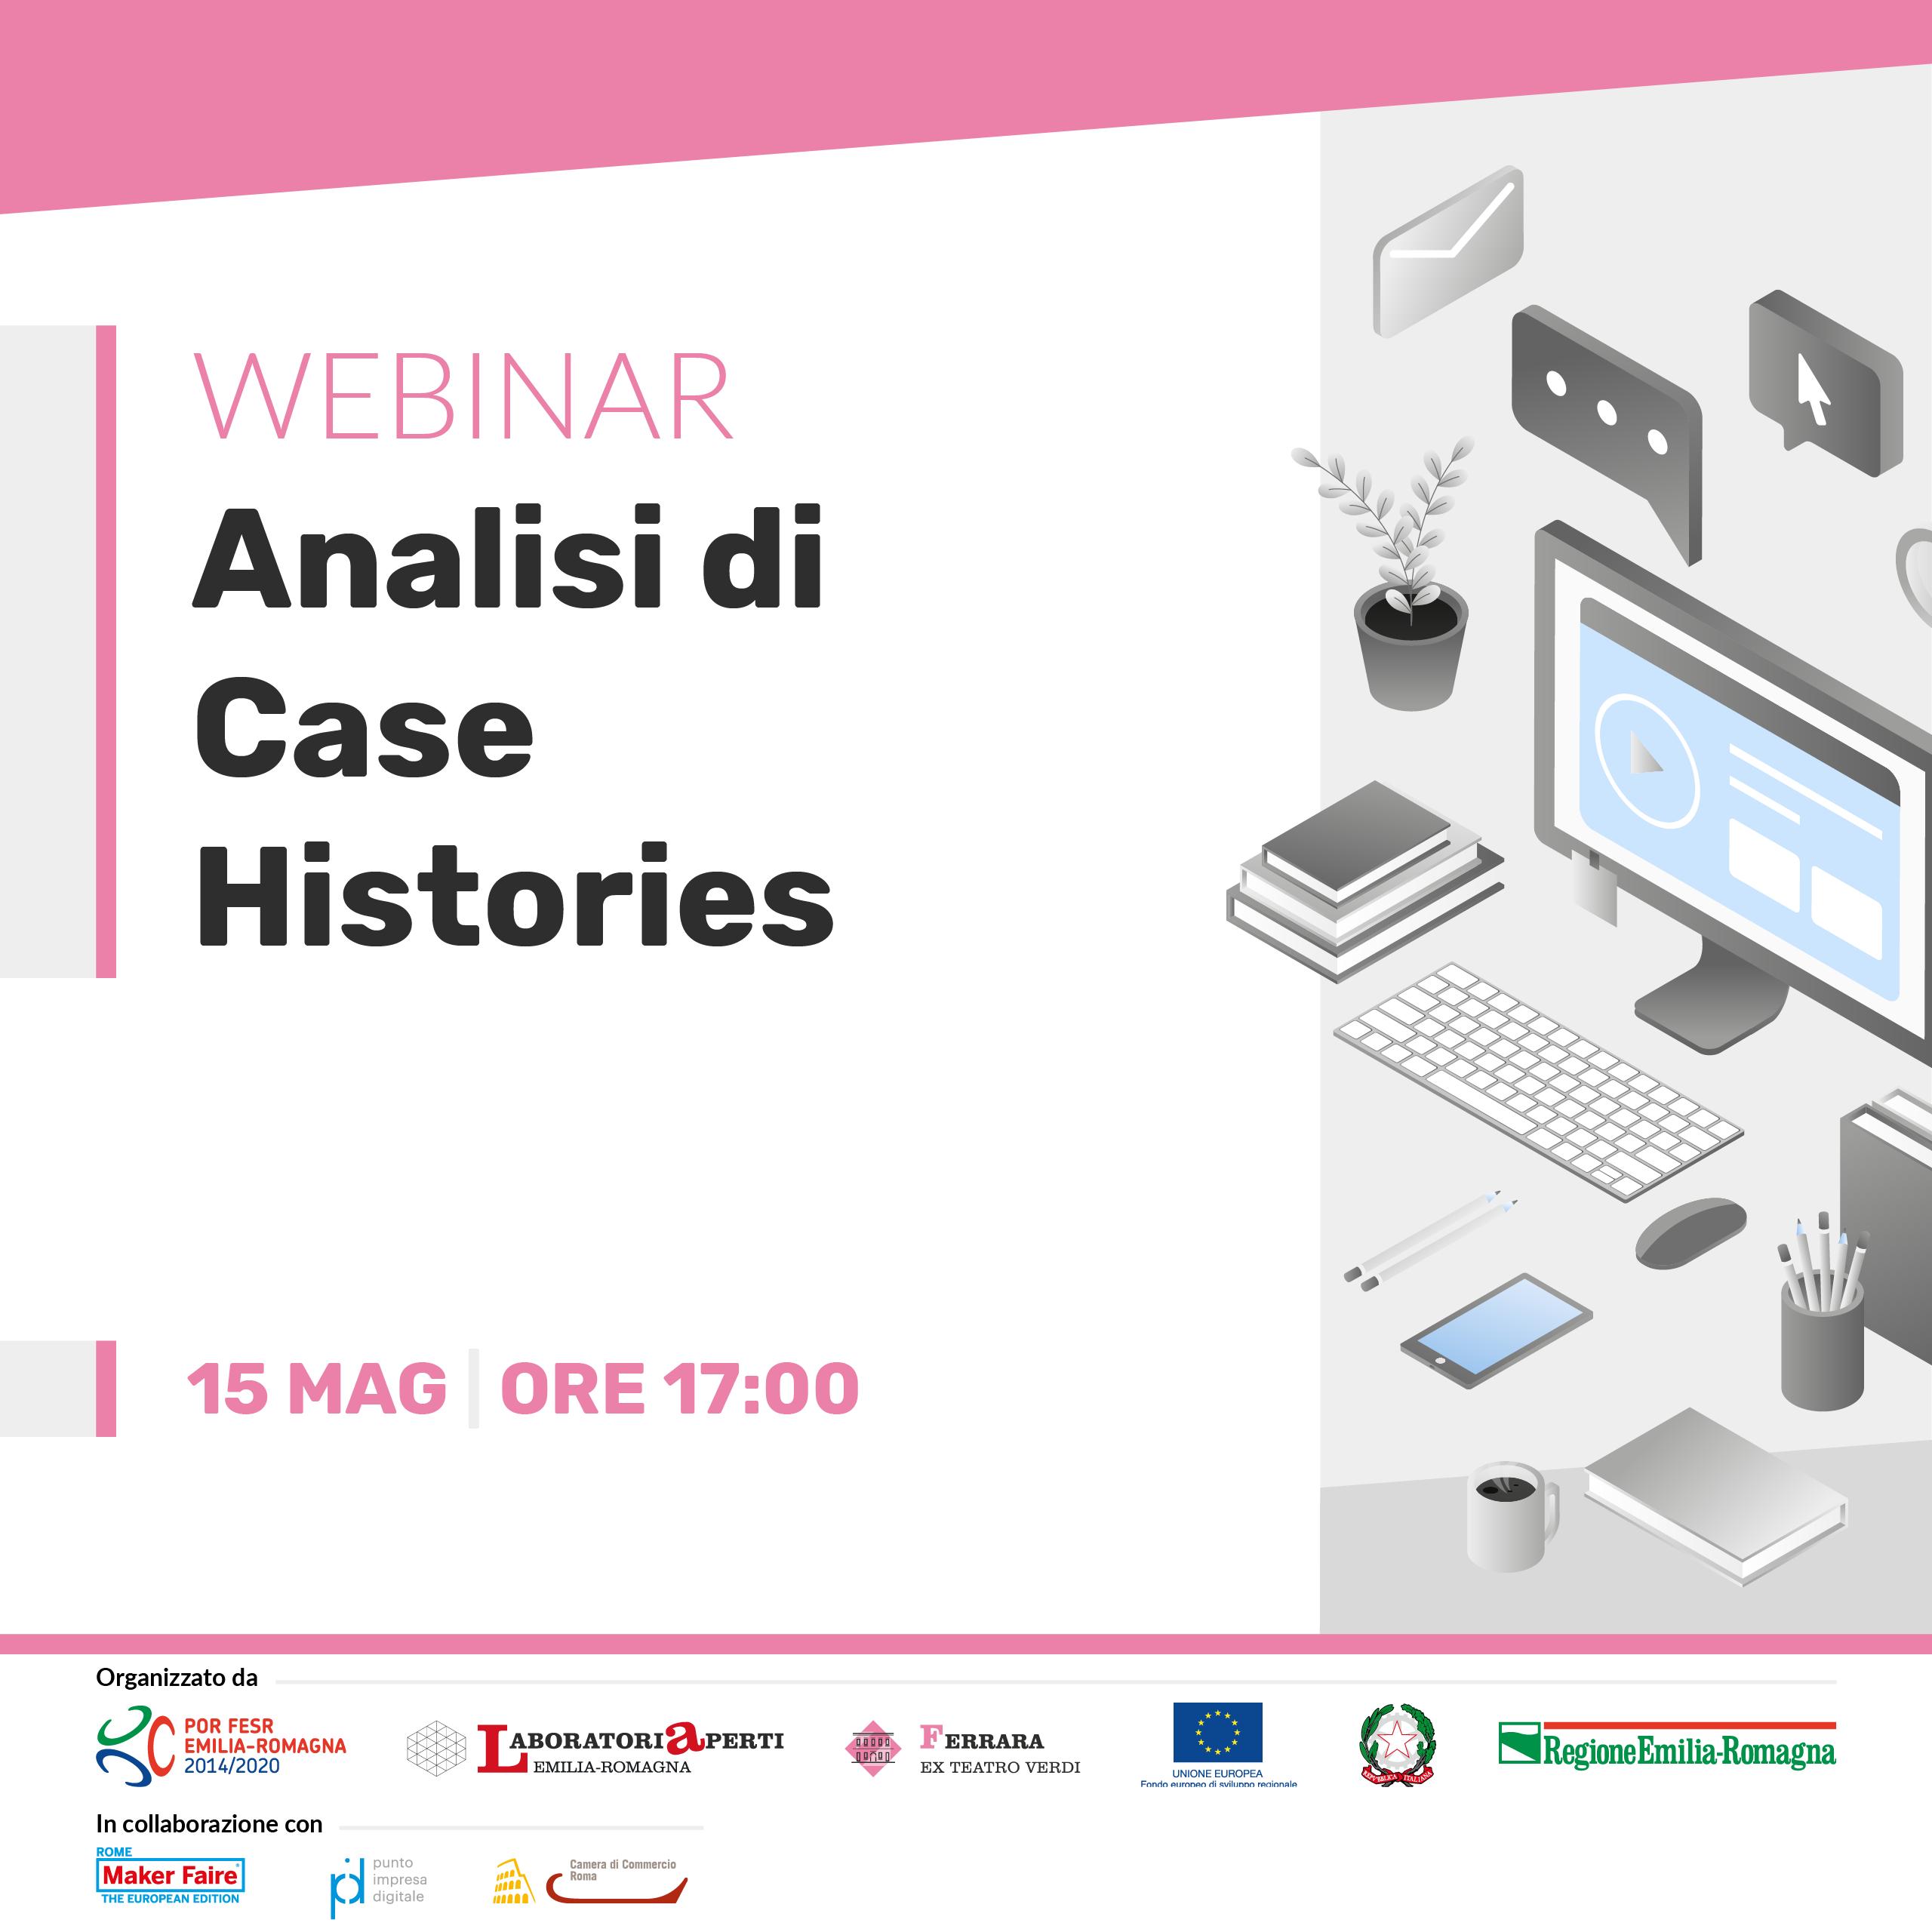 WEBINAR: AR e VR: analisi di case histories | 15 MAGGIO H 17:00